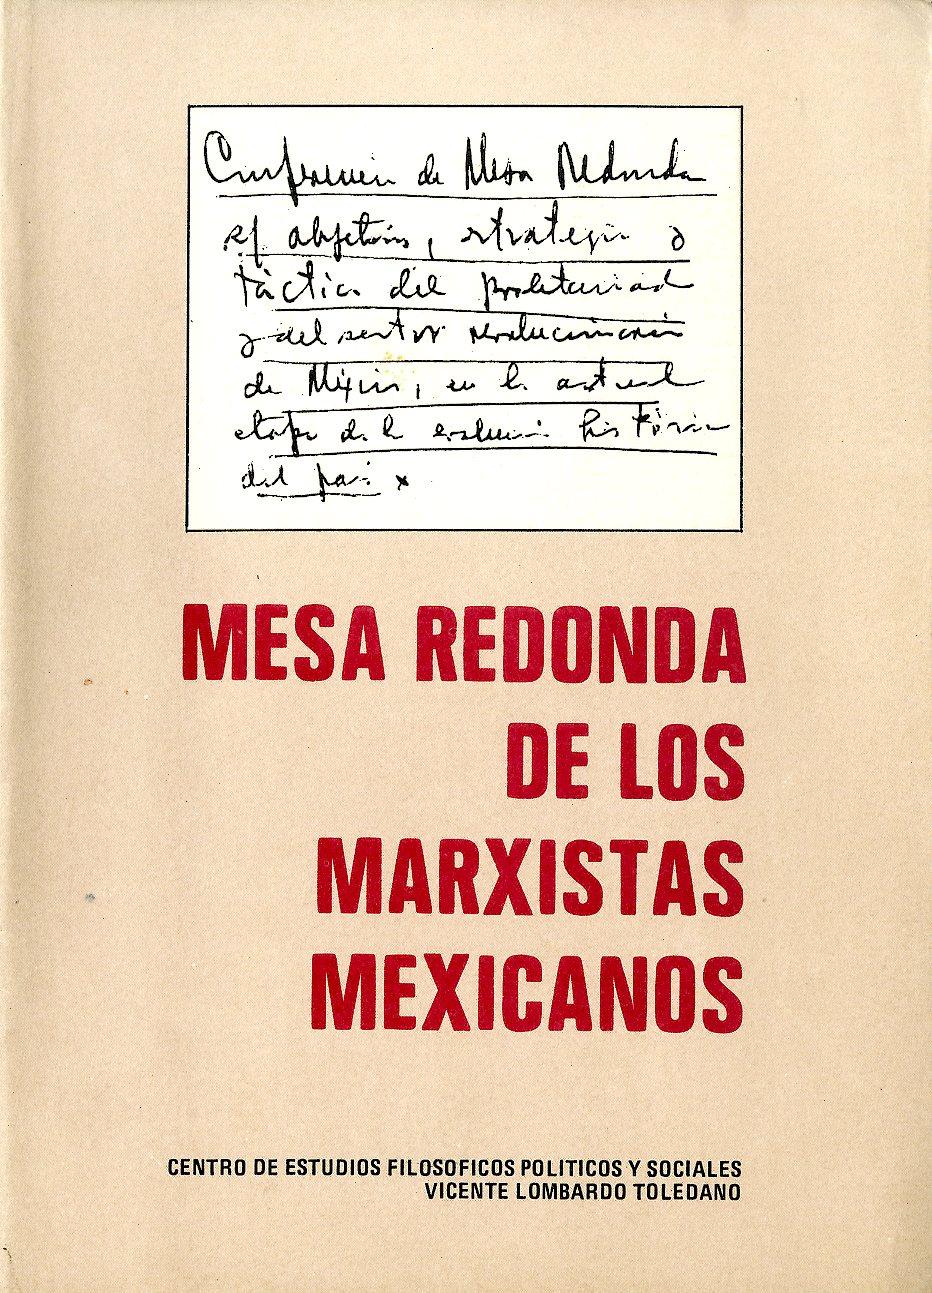 Portada del libro: MESA REDONDA DE LOS MARXISTAS MEXICANOS